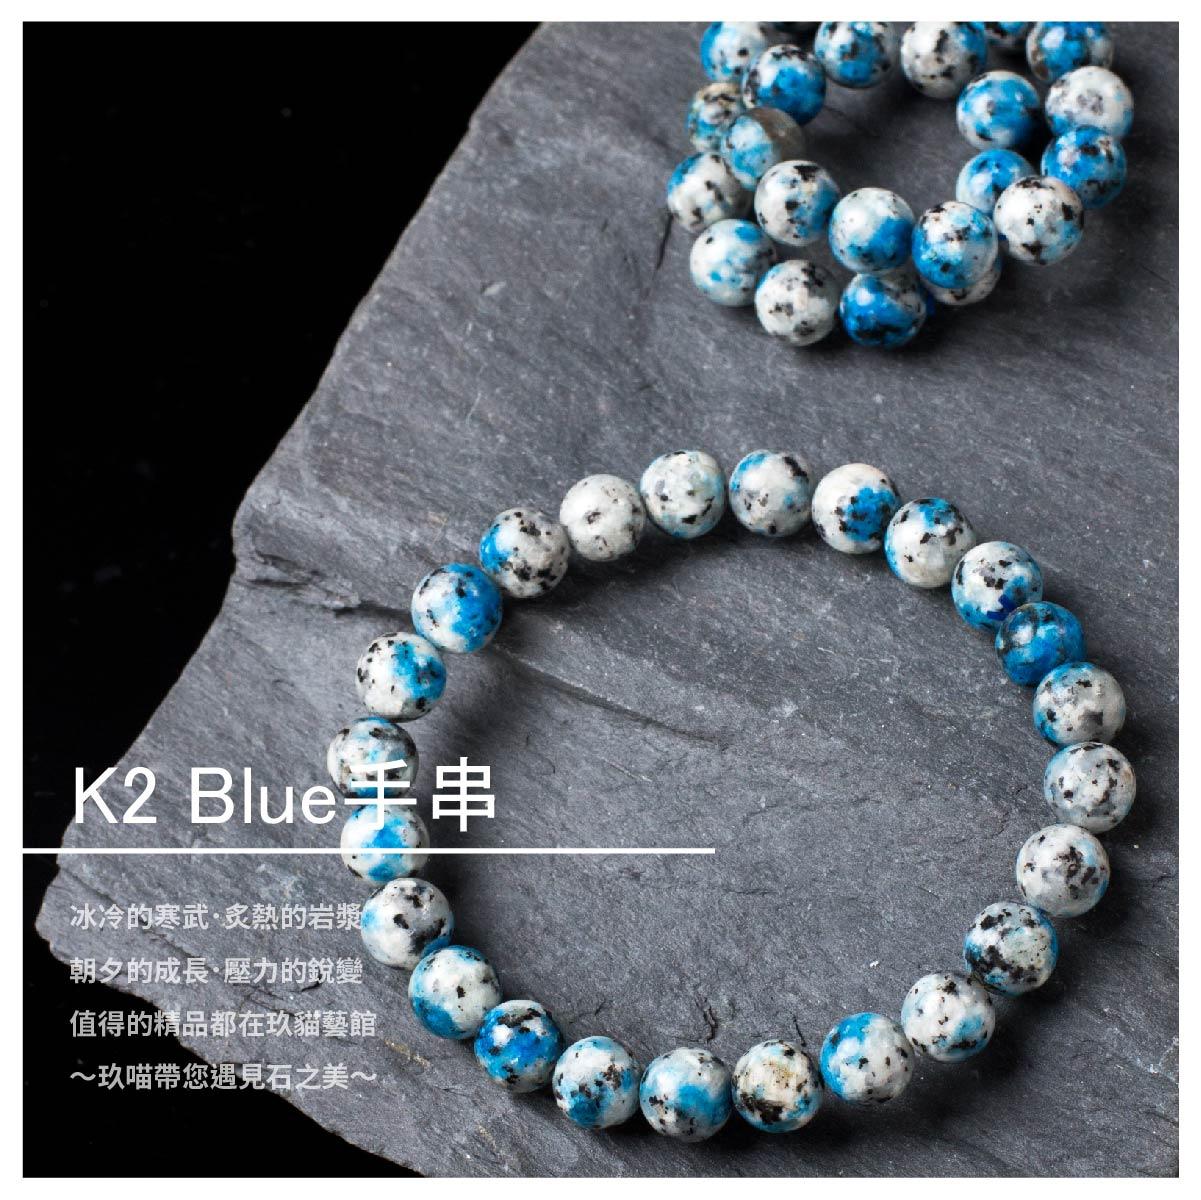 【玖喵藝館】K2 Blue手串